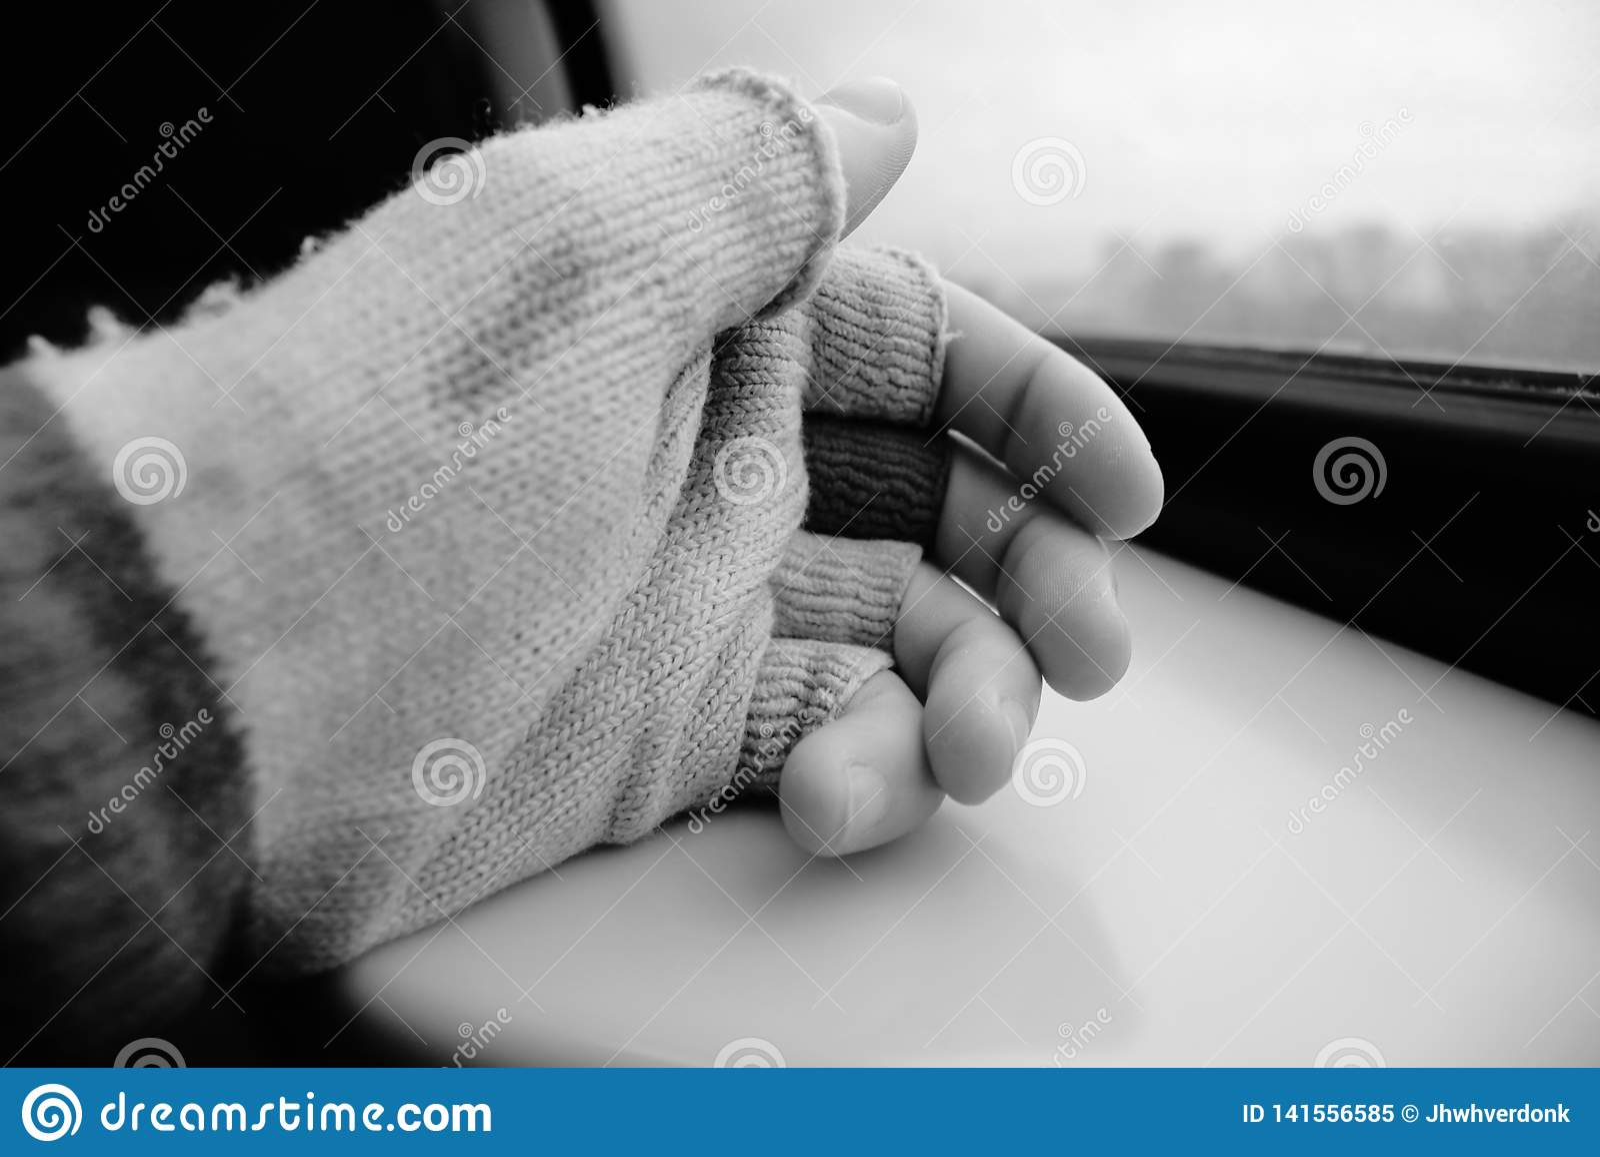 Mano con el guante viejo que tops del finger de la falta que descansan sobre una tabla con una visión afuera en blanco y negro